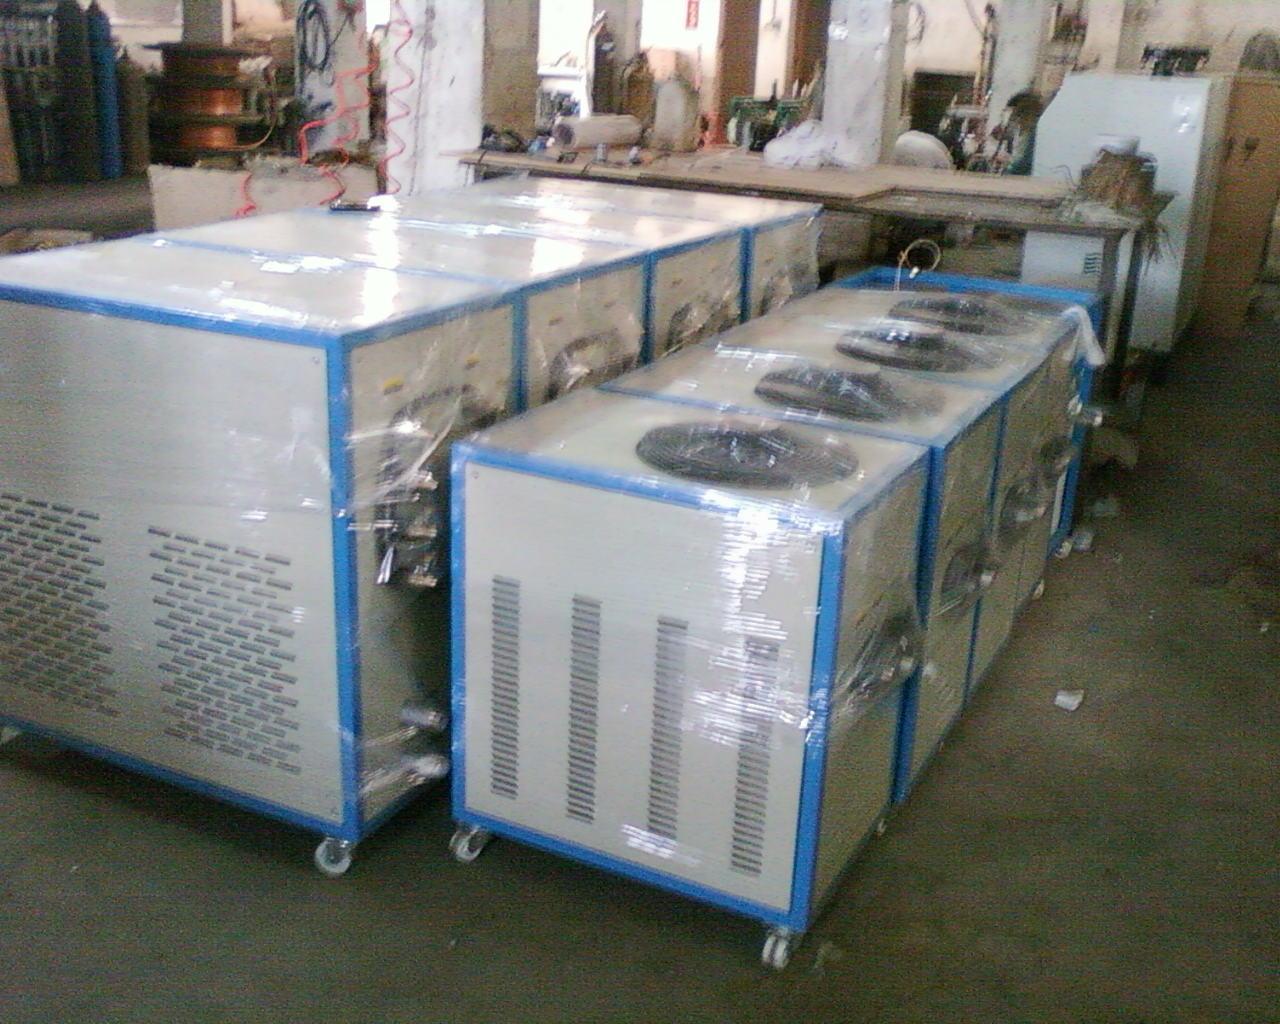 供应湖南冷水机厂家 水箱式蒸发器内置自动补水装置,省去工程安装中的彭胀水箱方便安装及保养,适用于大温差小流量等特殊场合